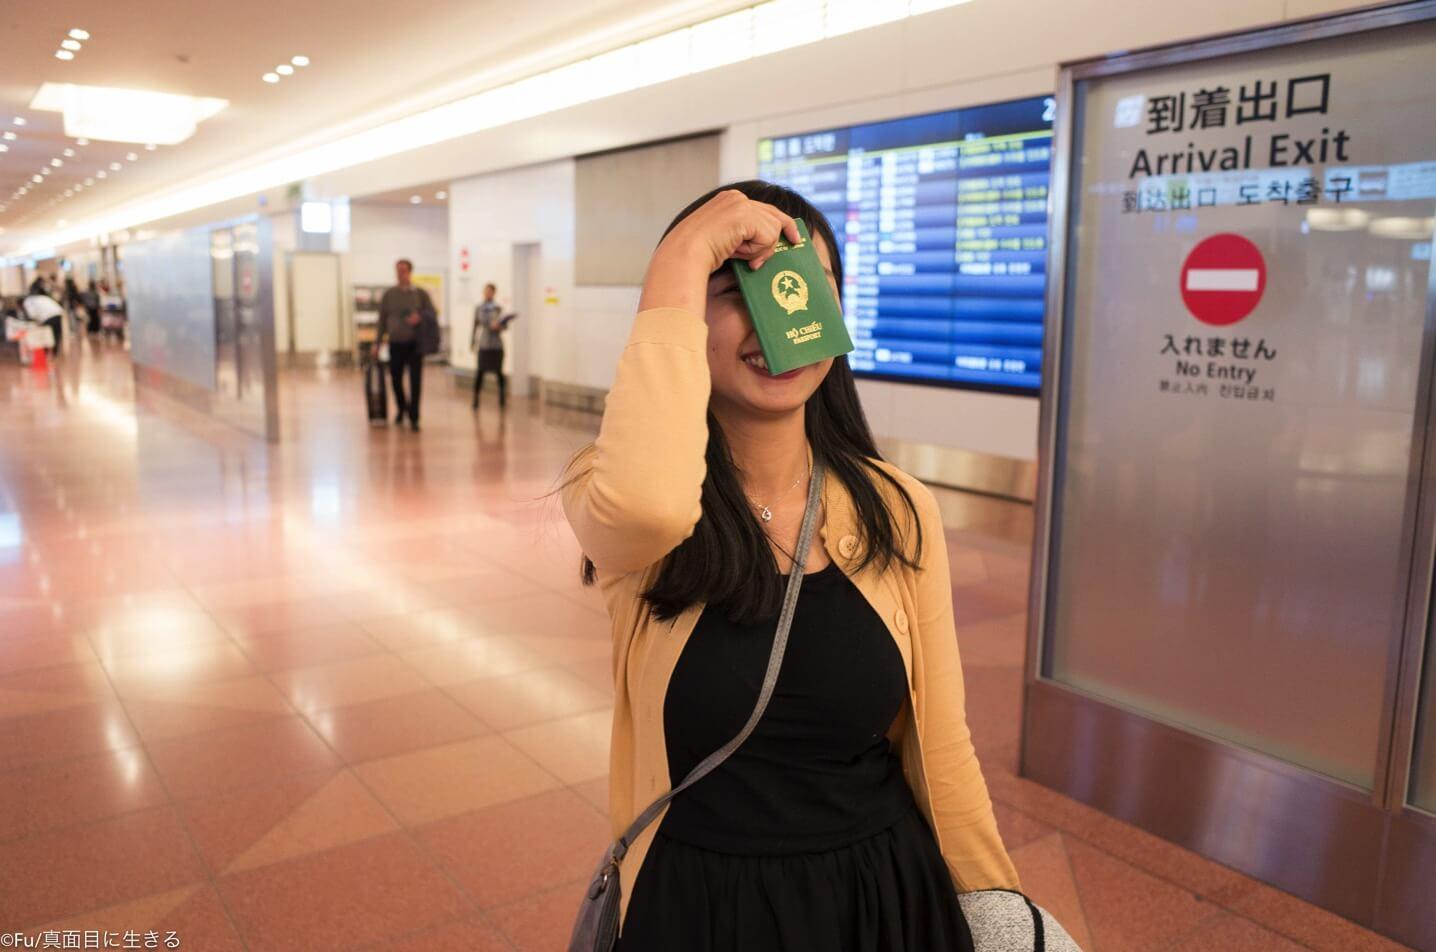 ベトナム人の彼女が無事に日本に到着して安心した1日【Fu/真面目な日常】